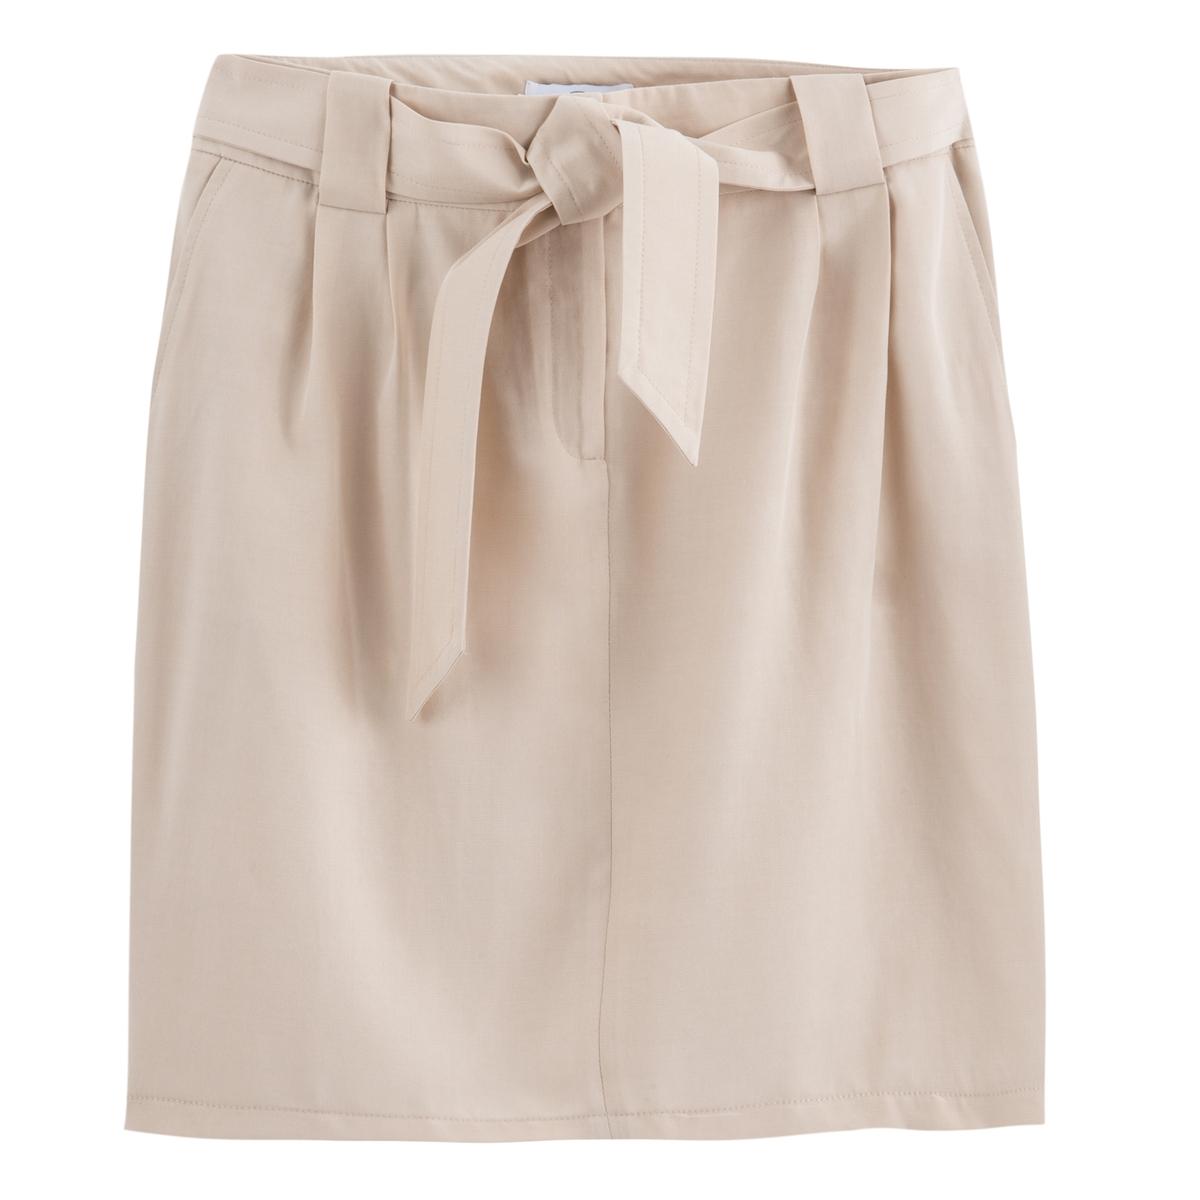 Falda recta de Lyocell, semilarga